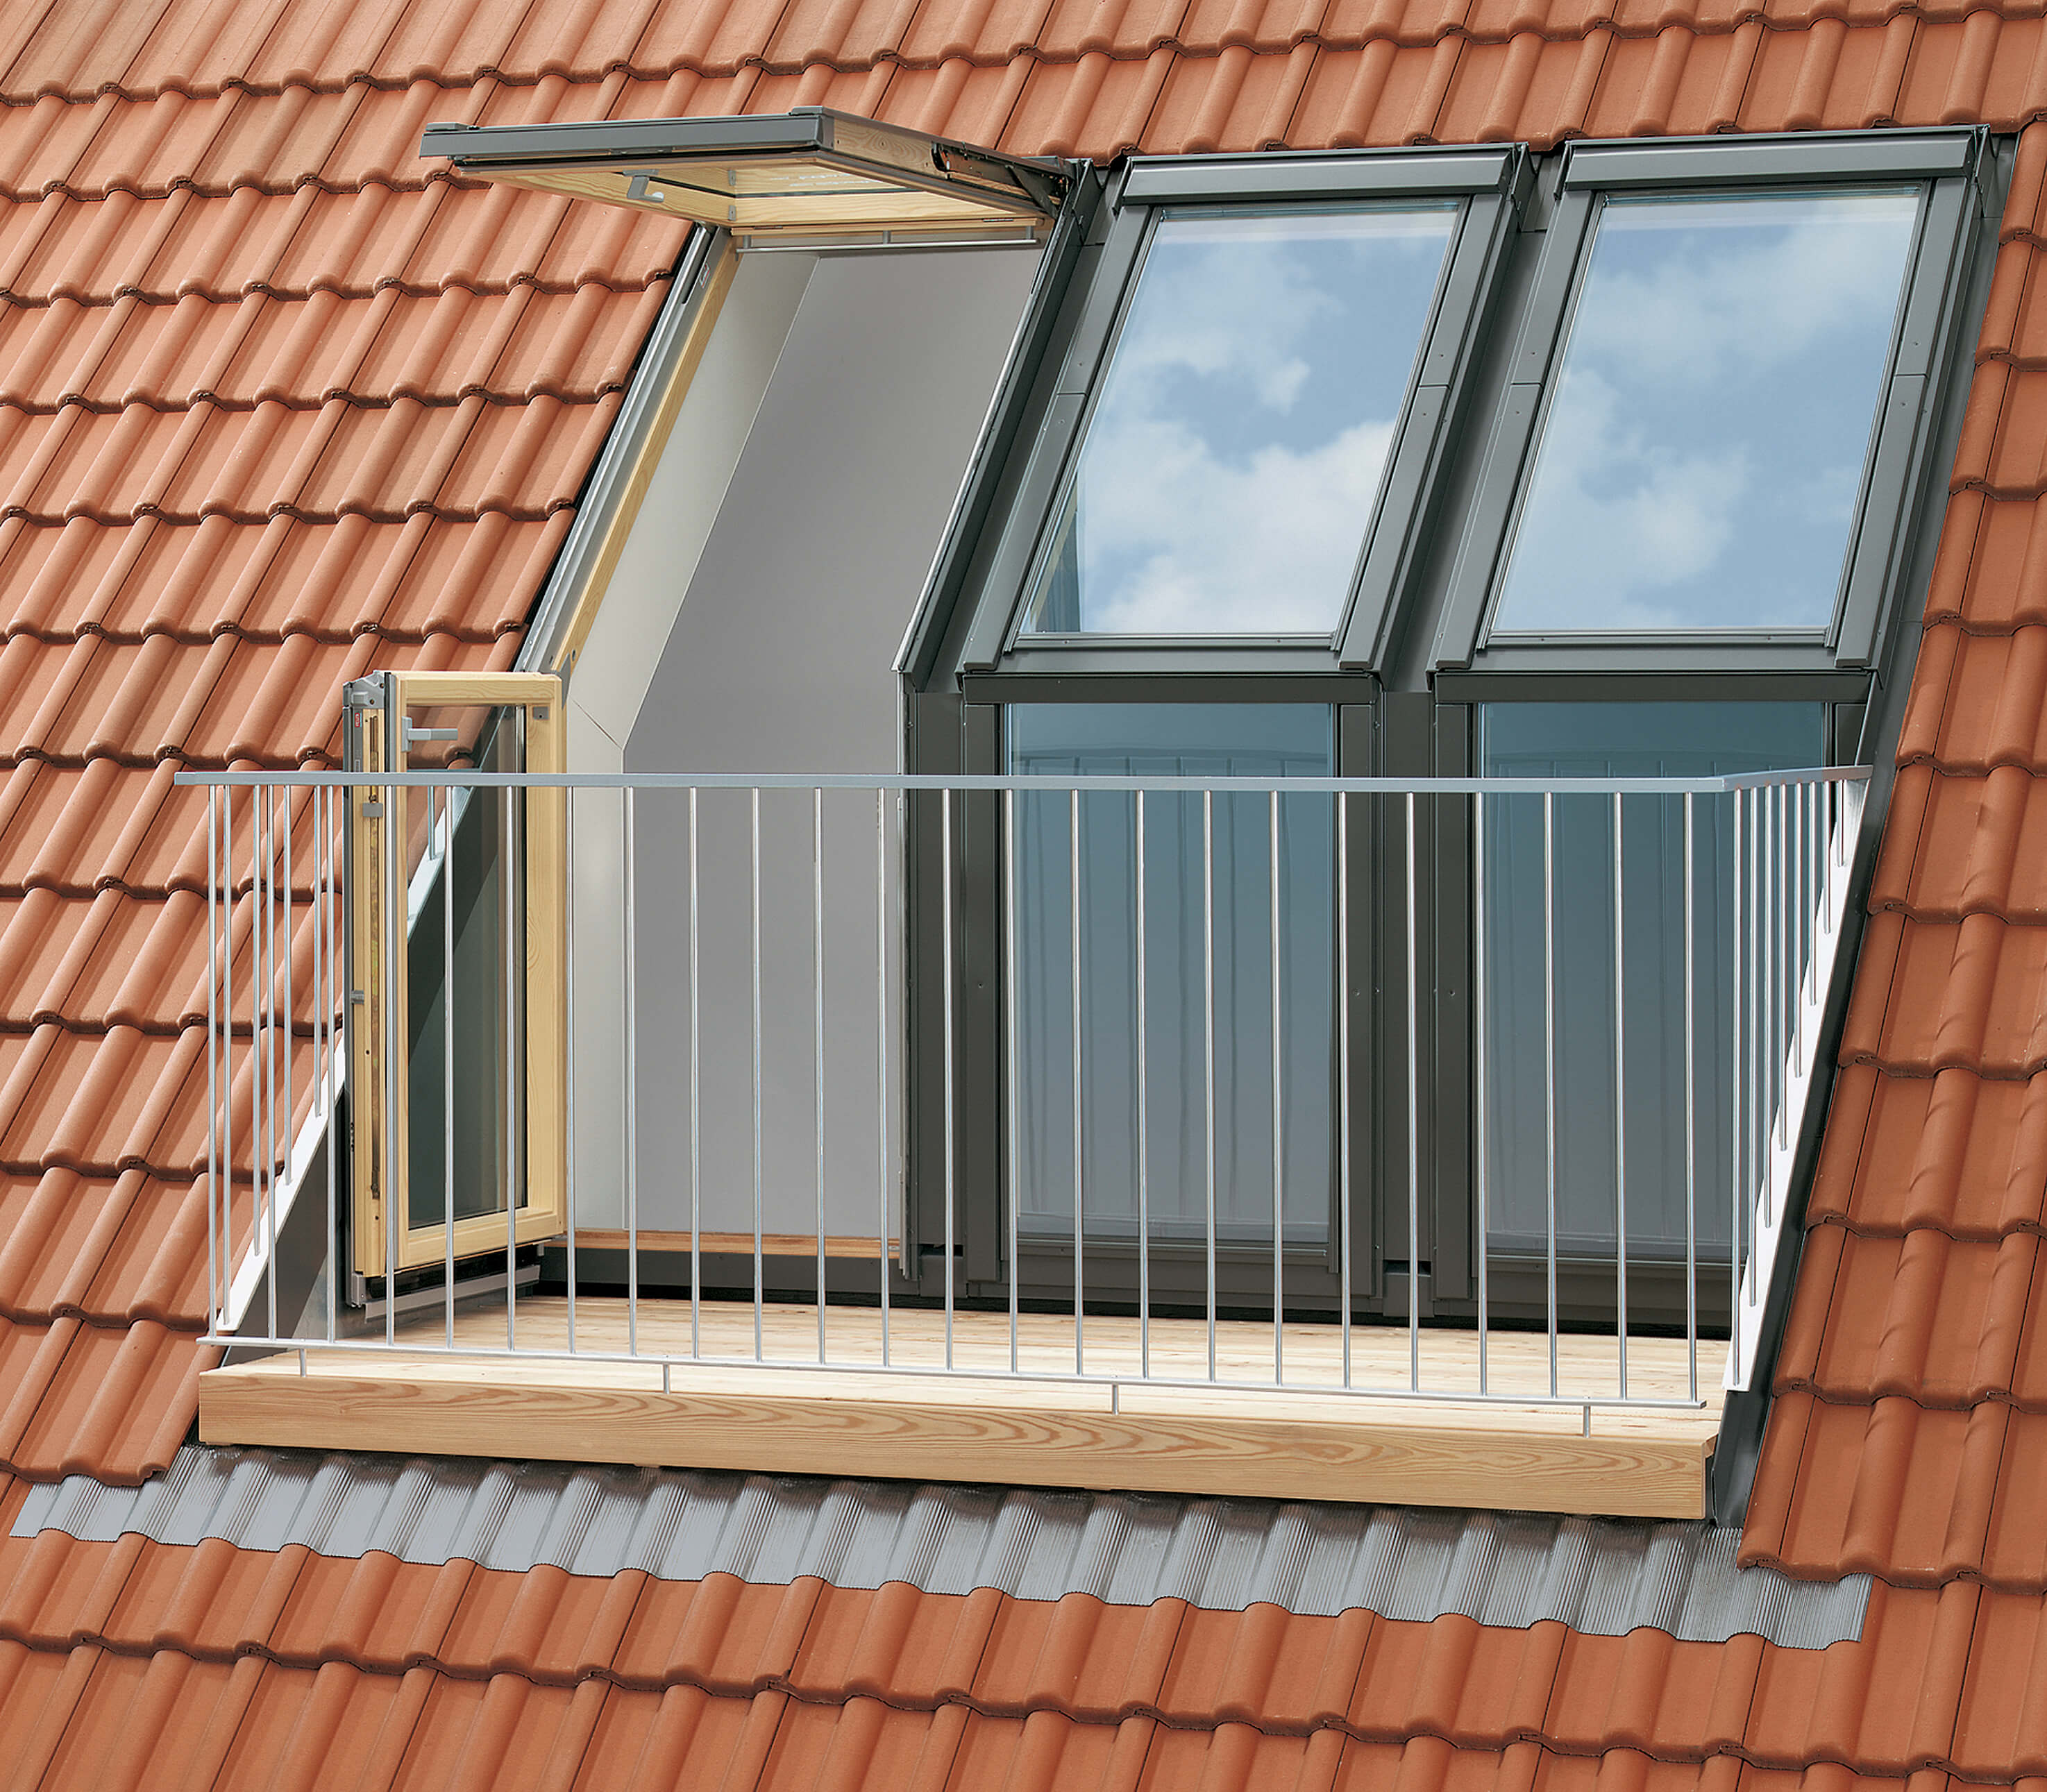 Выдвижное окно - балкон dcreative - дизайн и креатив со всег.